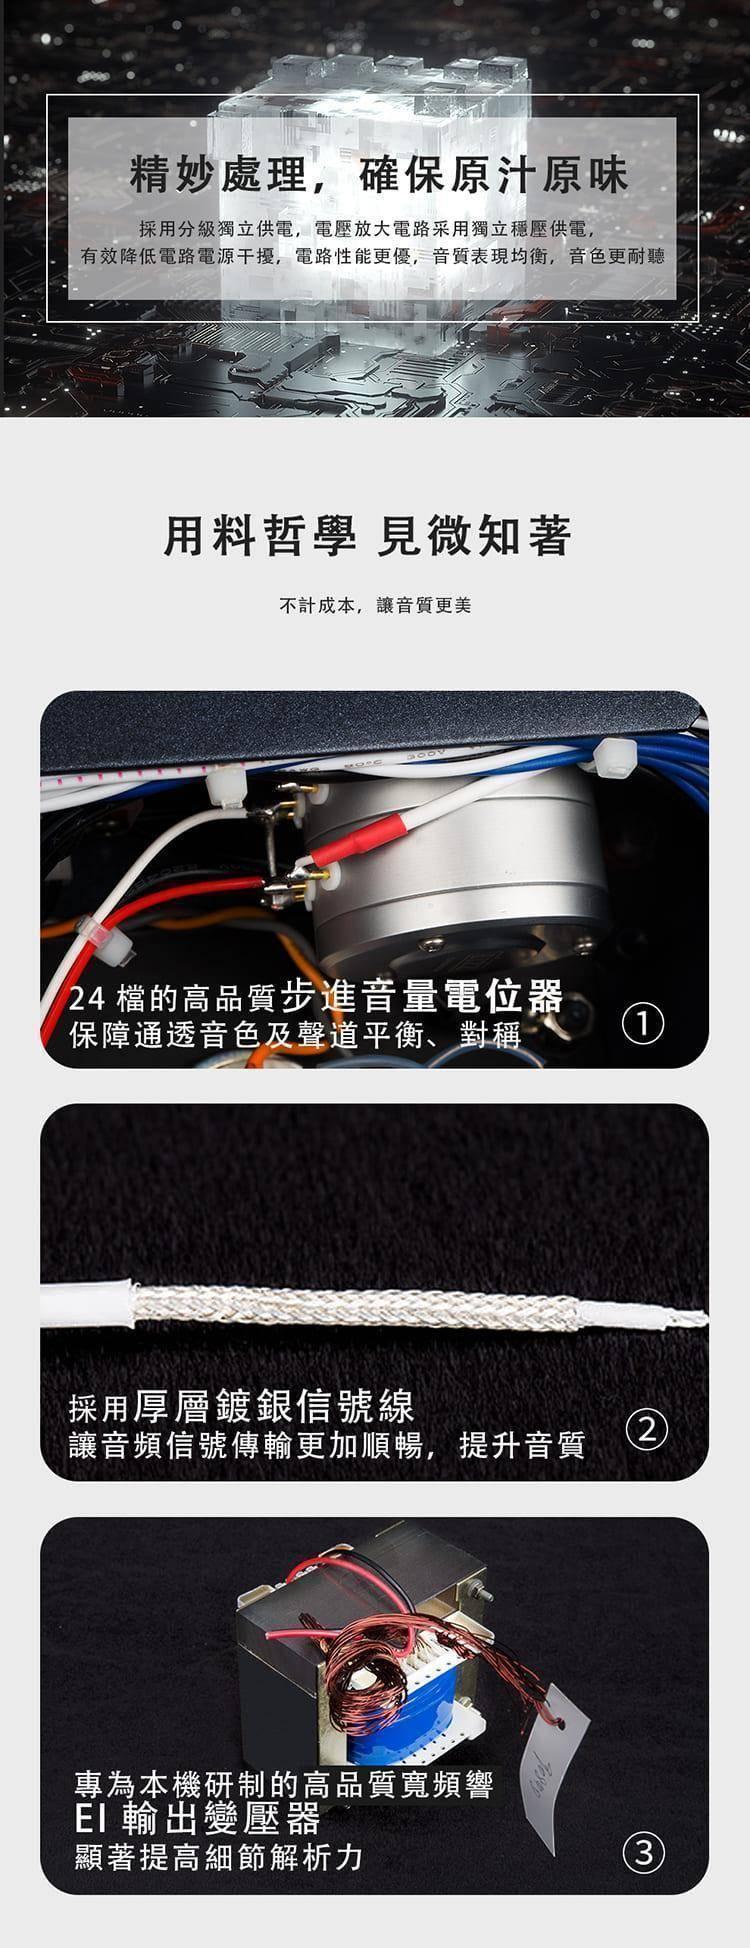 【音樂趨勢】Cayin HA-6A 真空管 甲類耳機功率放大器(預購)